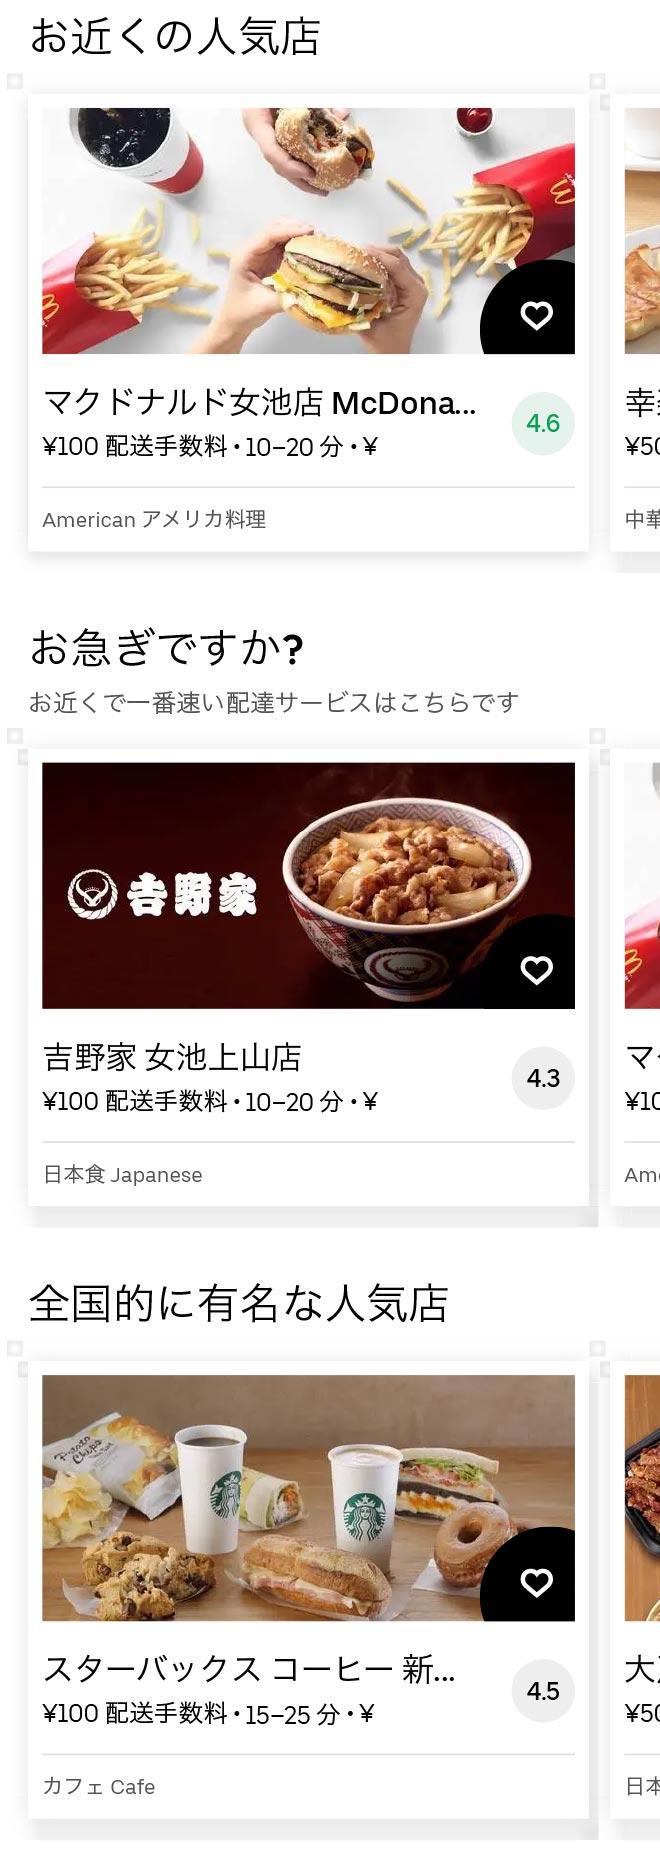 Kamiyama menu 2011 01